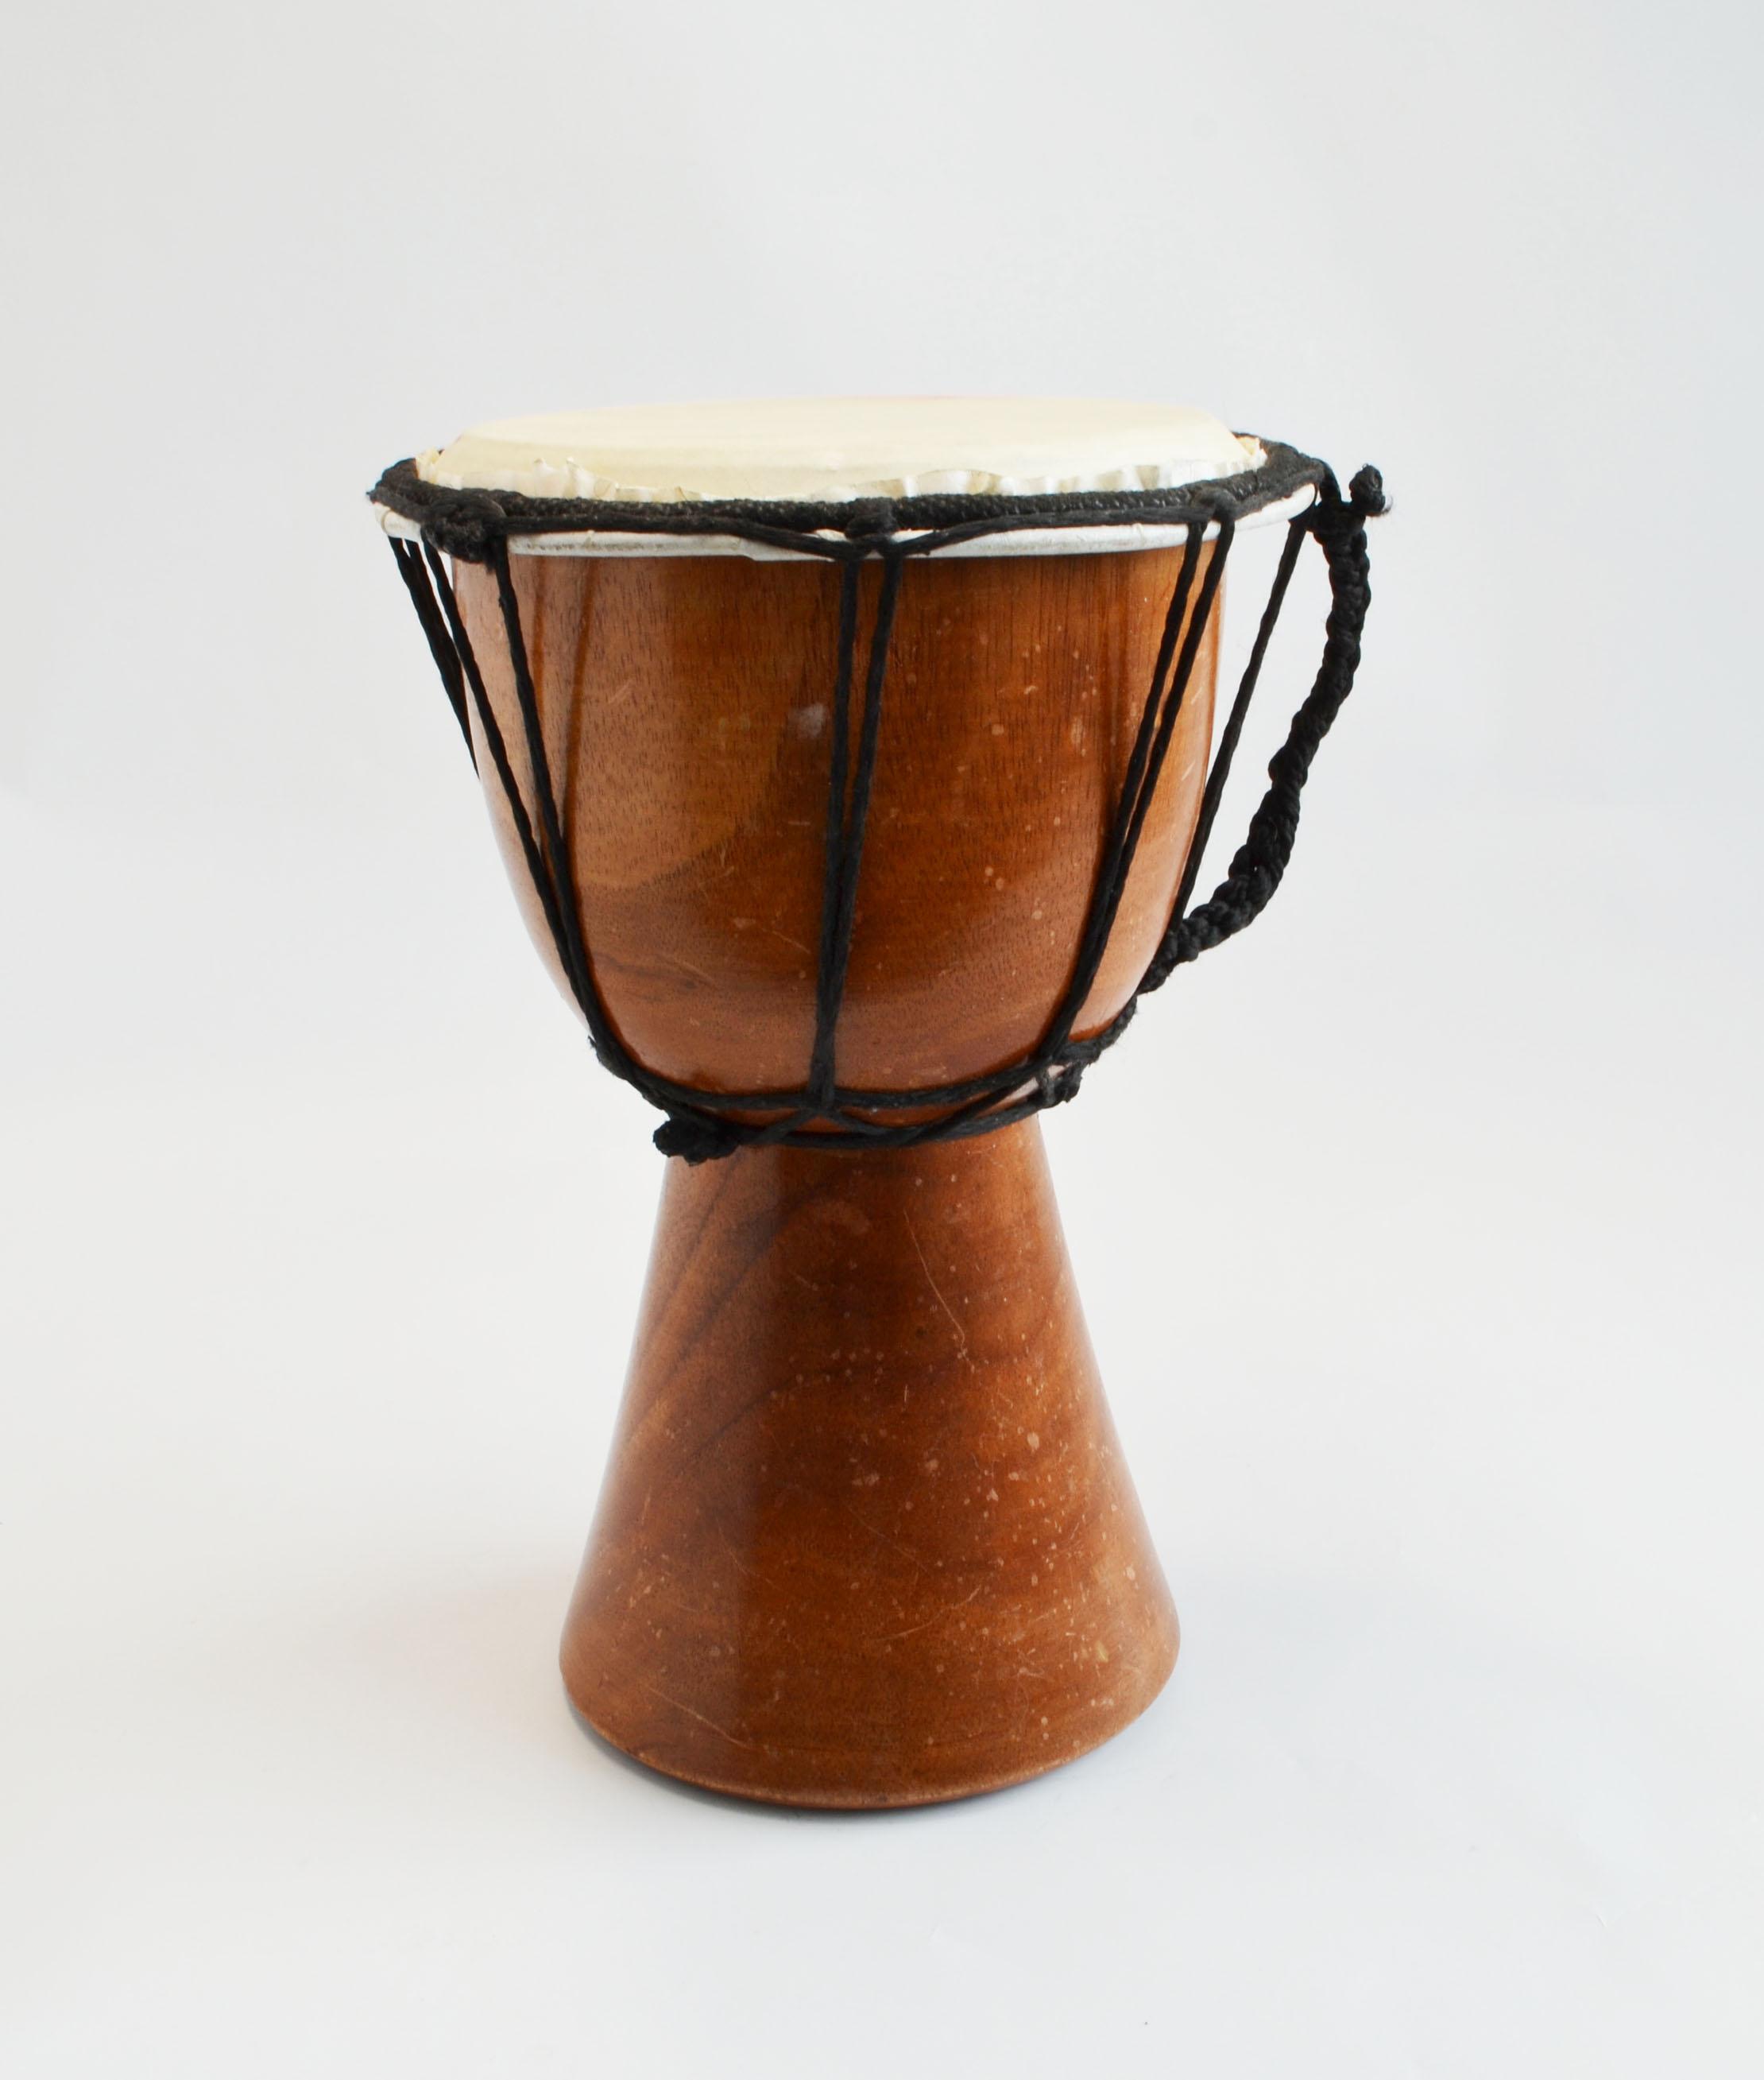 drum - small   Quantity: 1  Price: $15.00